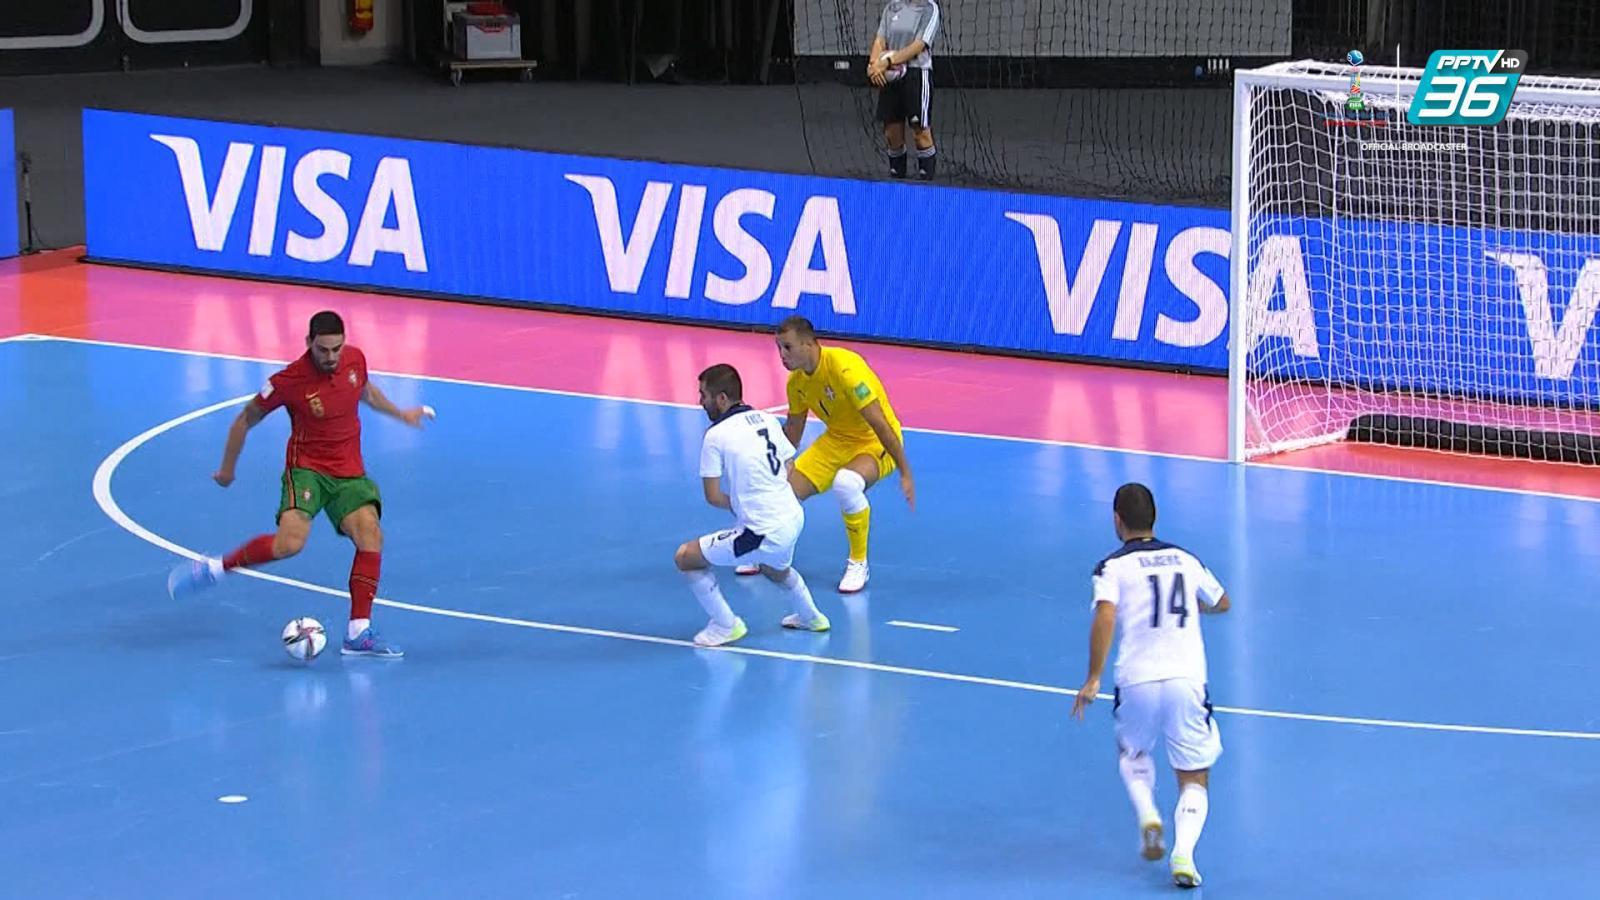 ไฮไลท์ฟุตซอล   ฟีฟ่า ฟุตซอล เวิลด์ คัพ 2021   โปรตุเกส 4-2 เซอร์เบีย   24 ก.ย. 64